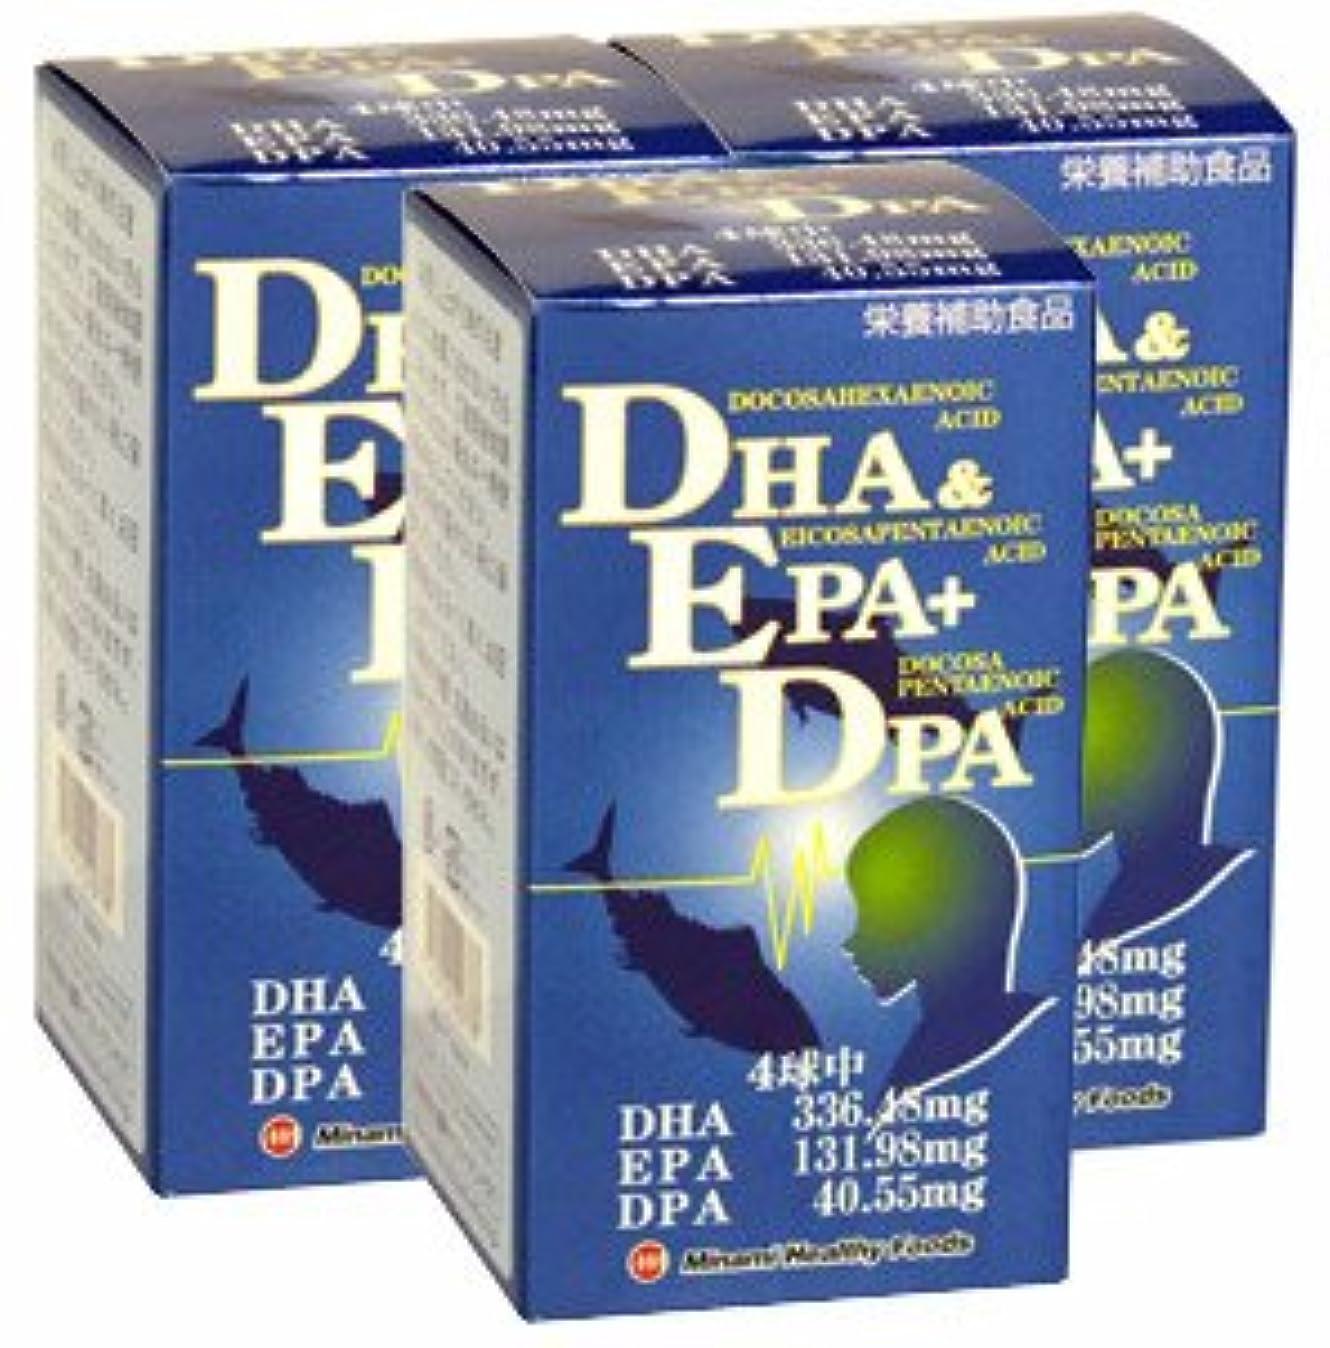 パントリーペダルポーターDHA&EPA+DPA【3本セット】ミナミヘルシーフーズ